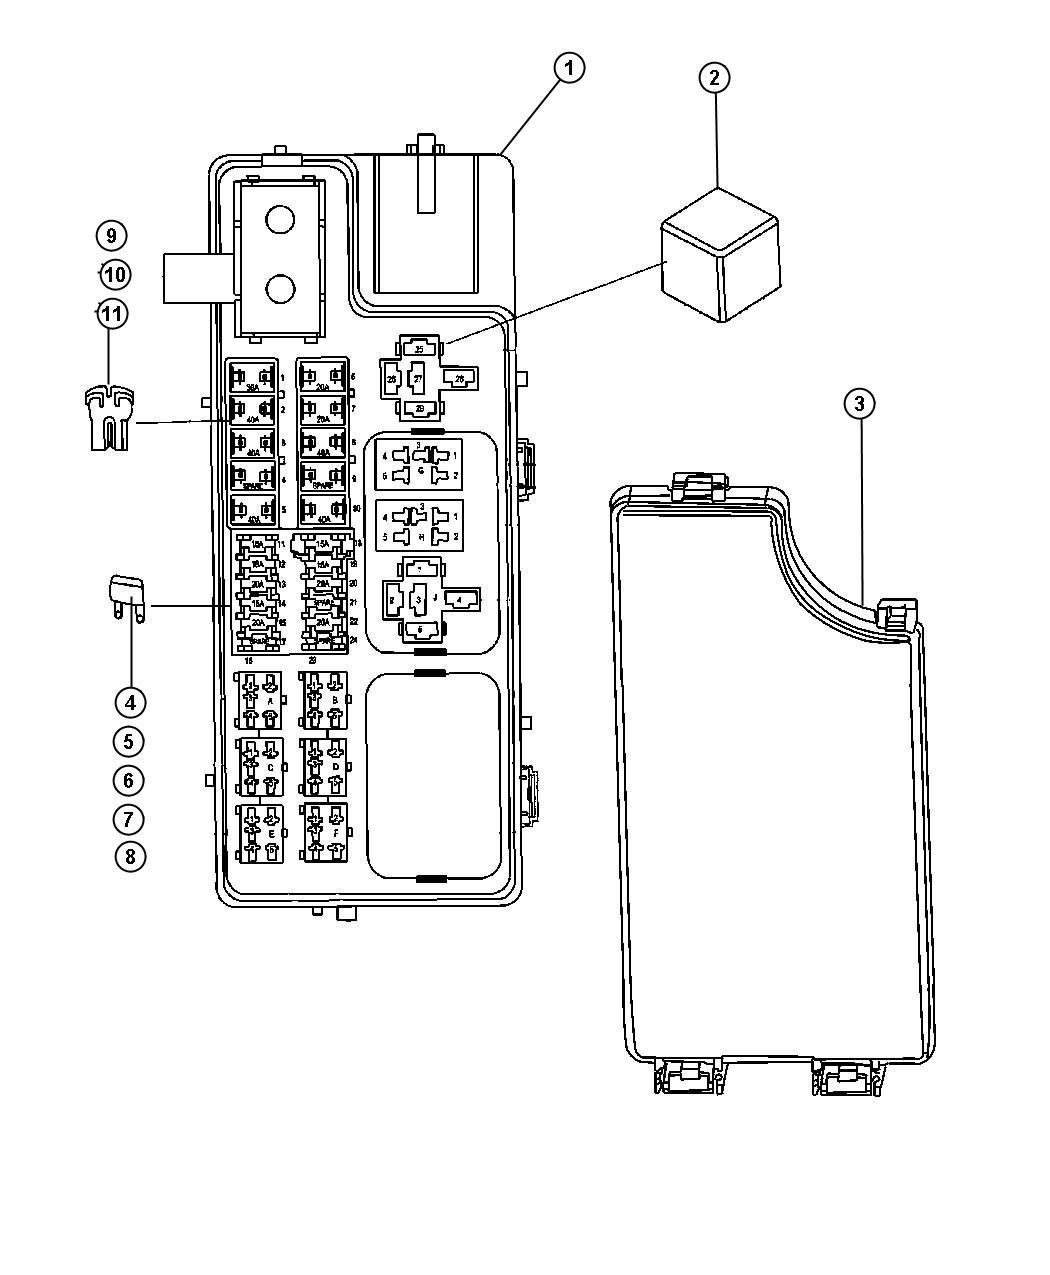 2010 Jeep Comp Fuse Box - Schema Diagram Preview Jeep Comp Fuse Box Location on